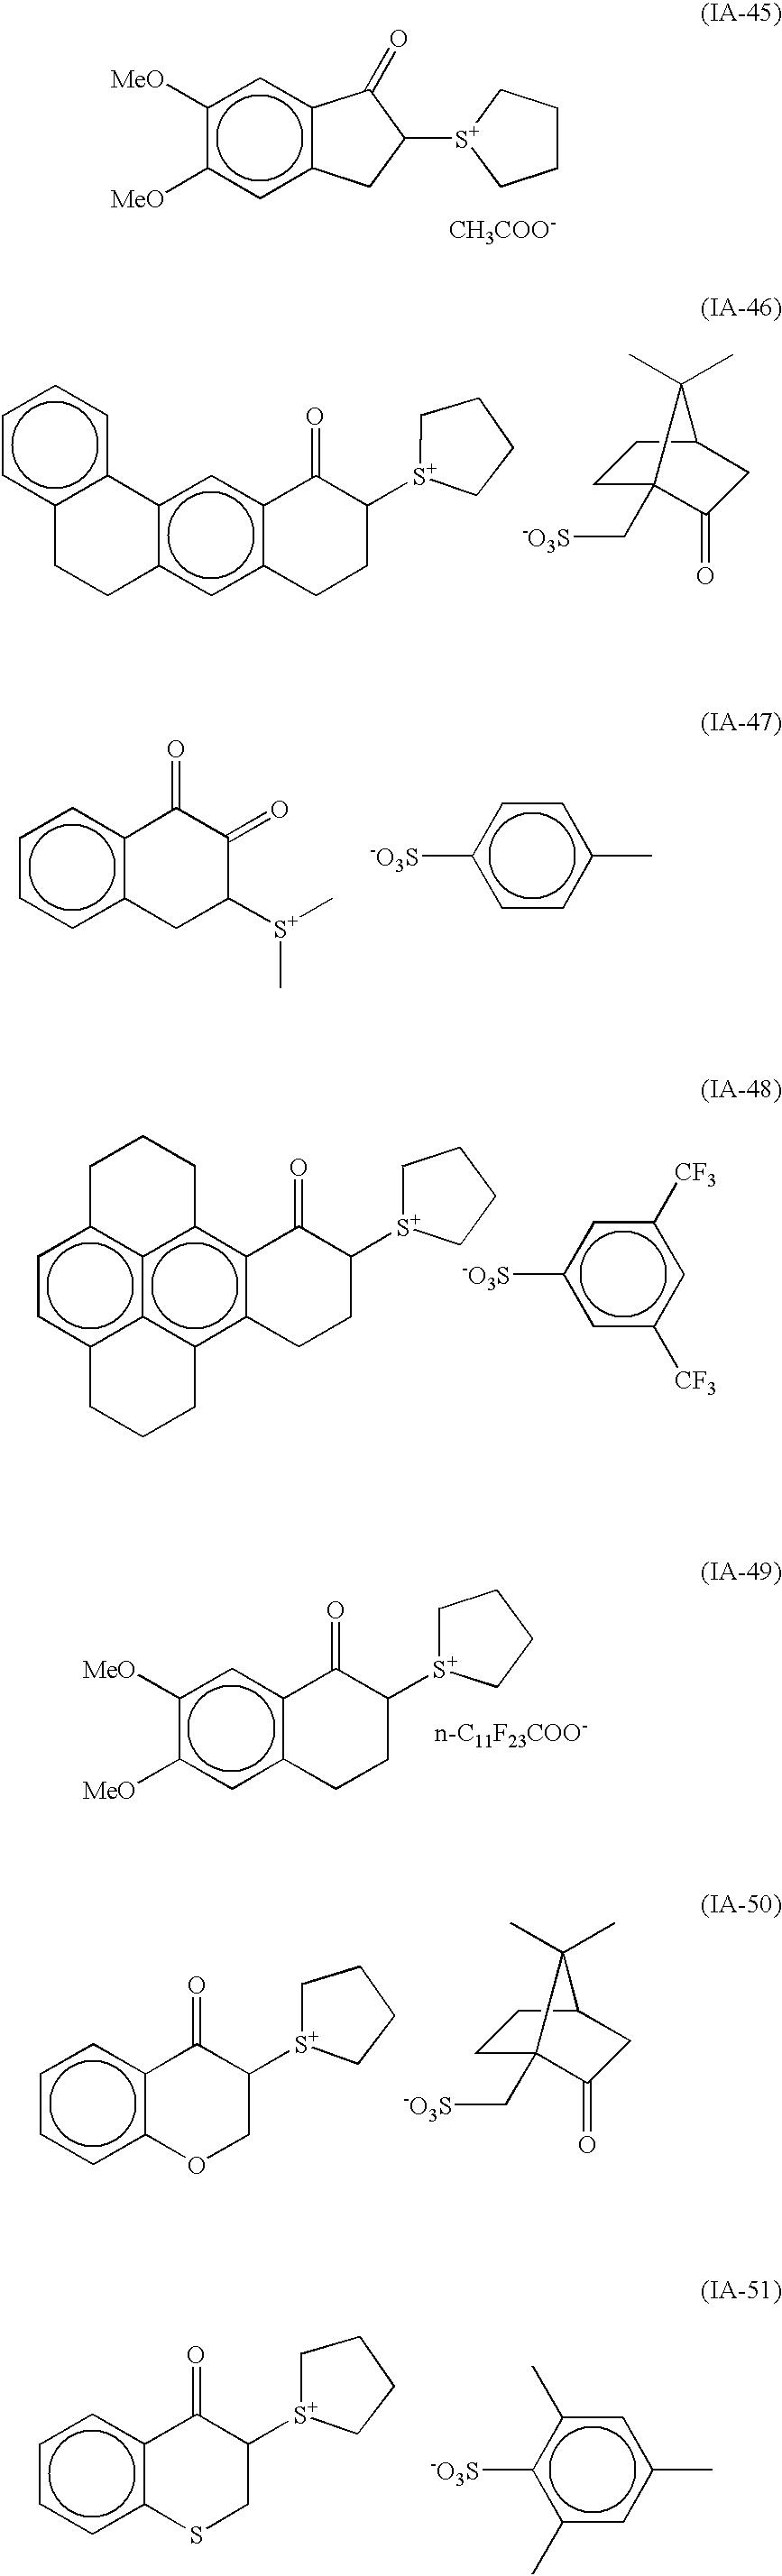 Figure US20030186161A1-20031002-C00026